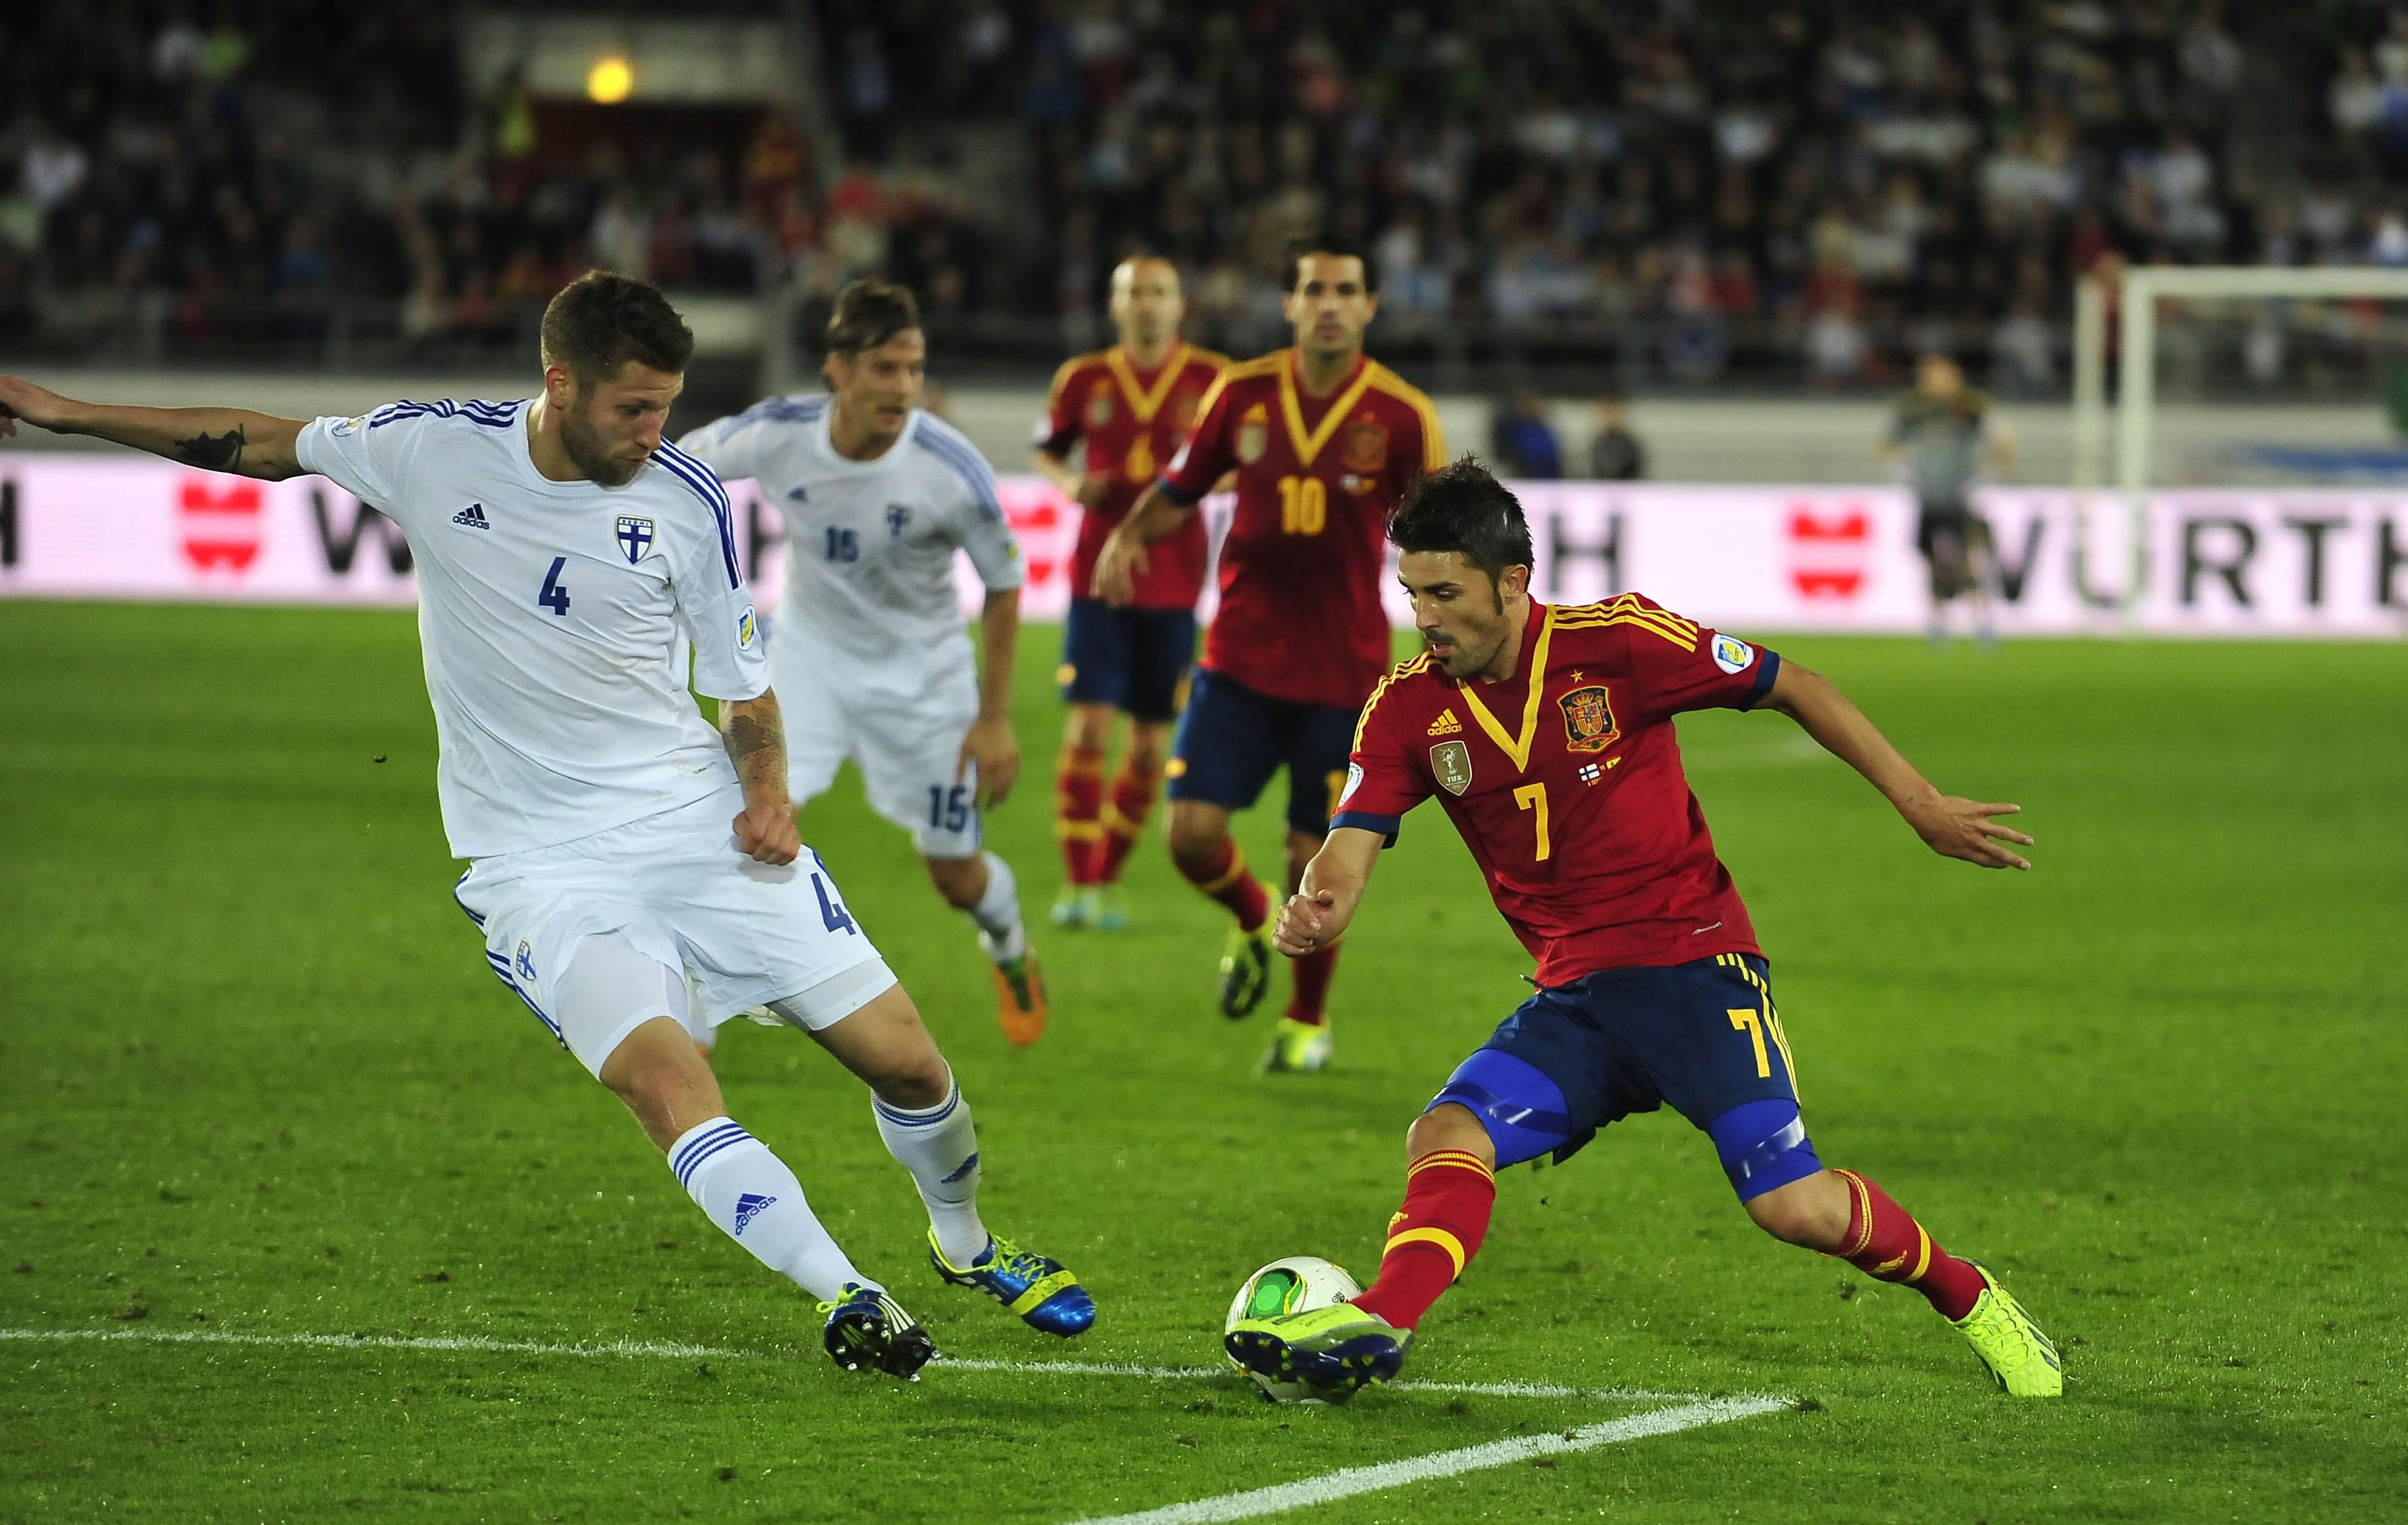 La roja fait le boulot coupe du monde football - Jeux de football coupe du monde 2014 ...